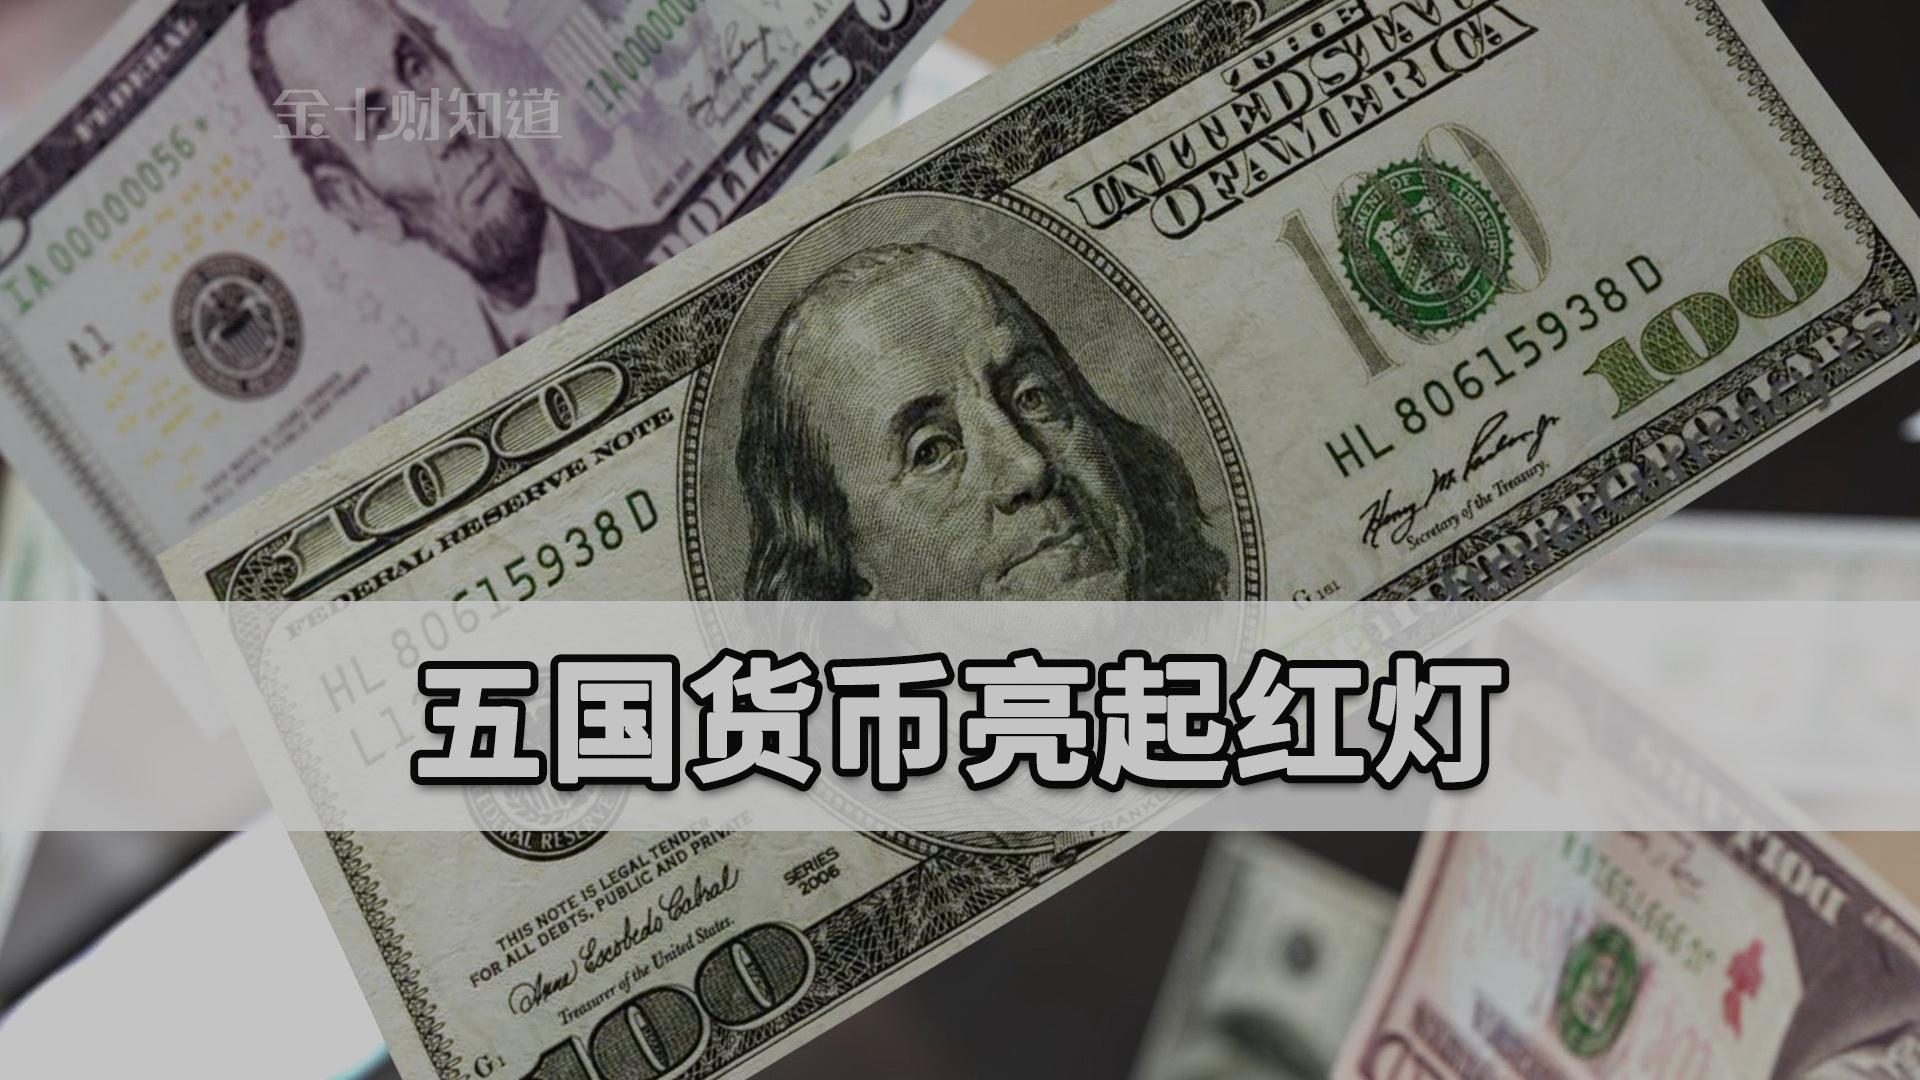 5国货币亮红灯!为防多国抛售美债,美国推出临时性回购便利工具